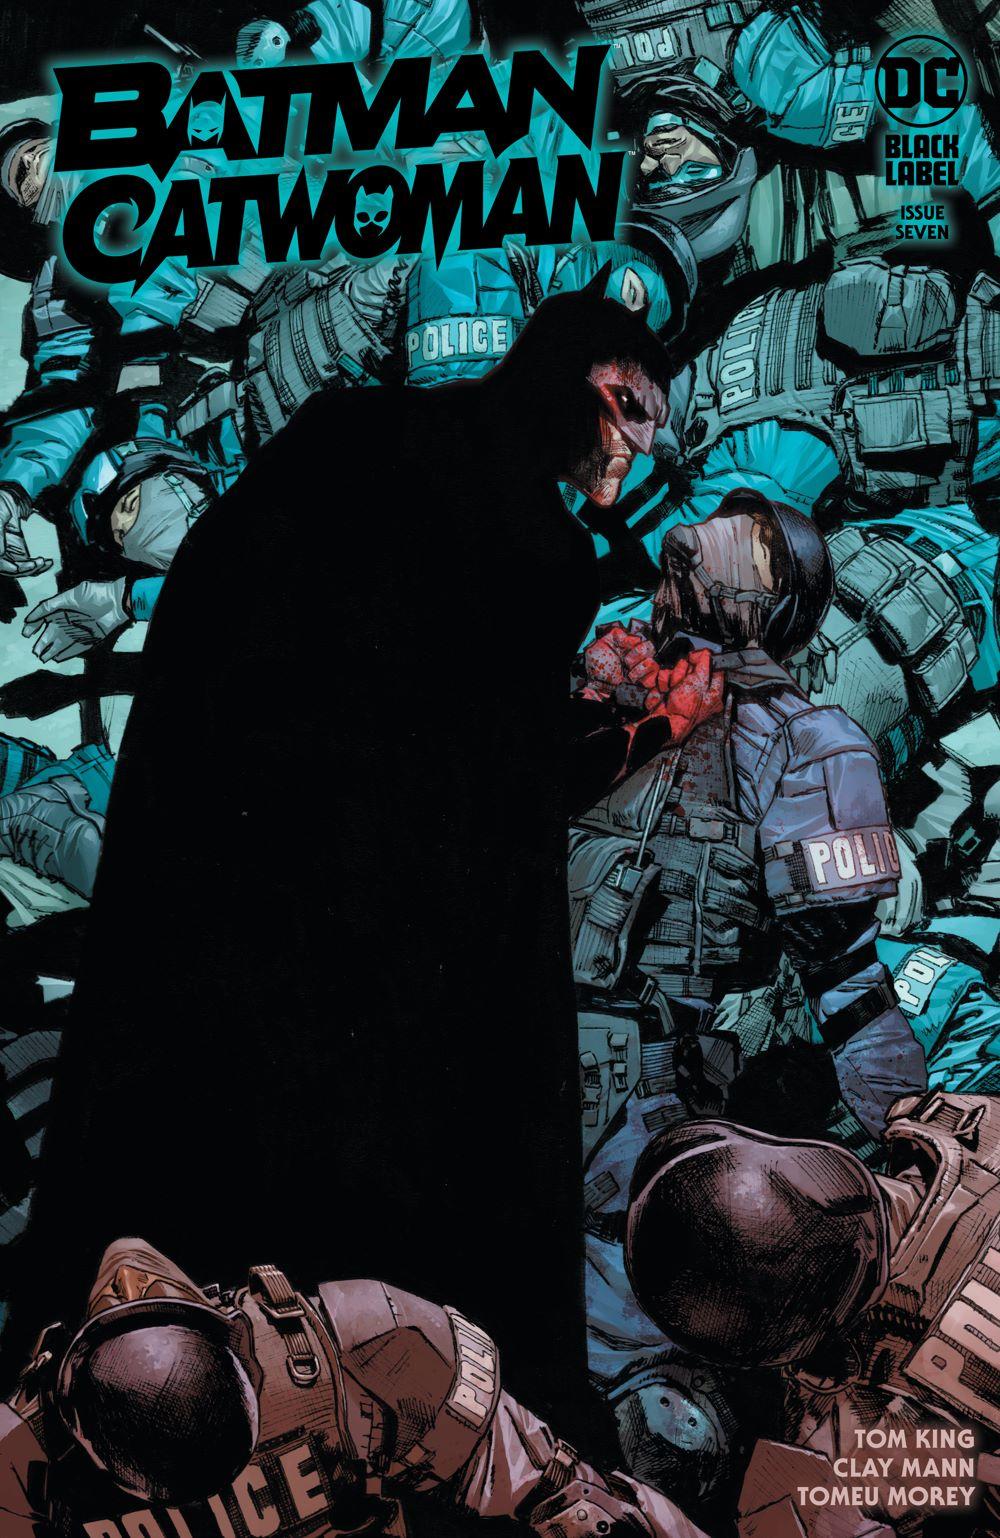 BM_CTW_Cv7 DC Comics August 2021 Solicitations